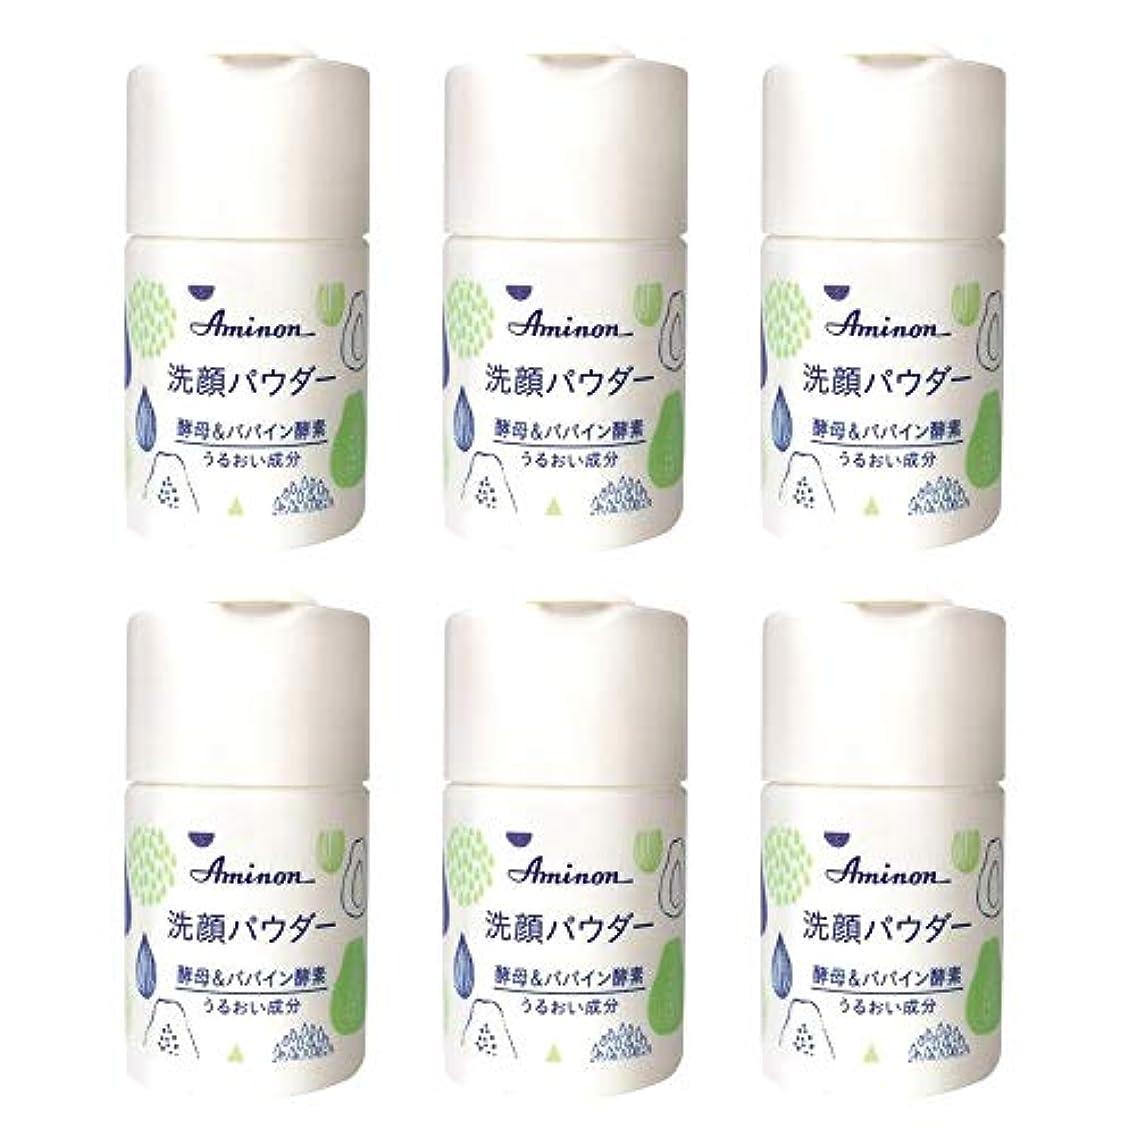 化粧再現するアミノン パパイン酵素配合 洗顔パウダー 50g (6本セット)